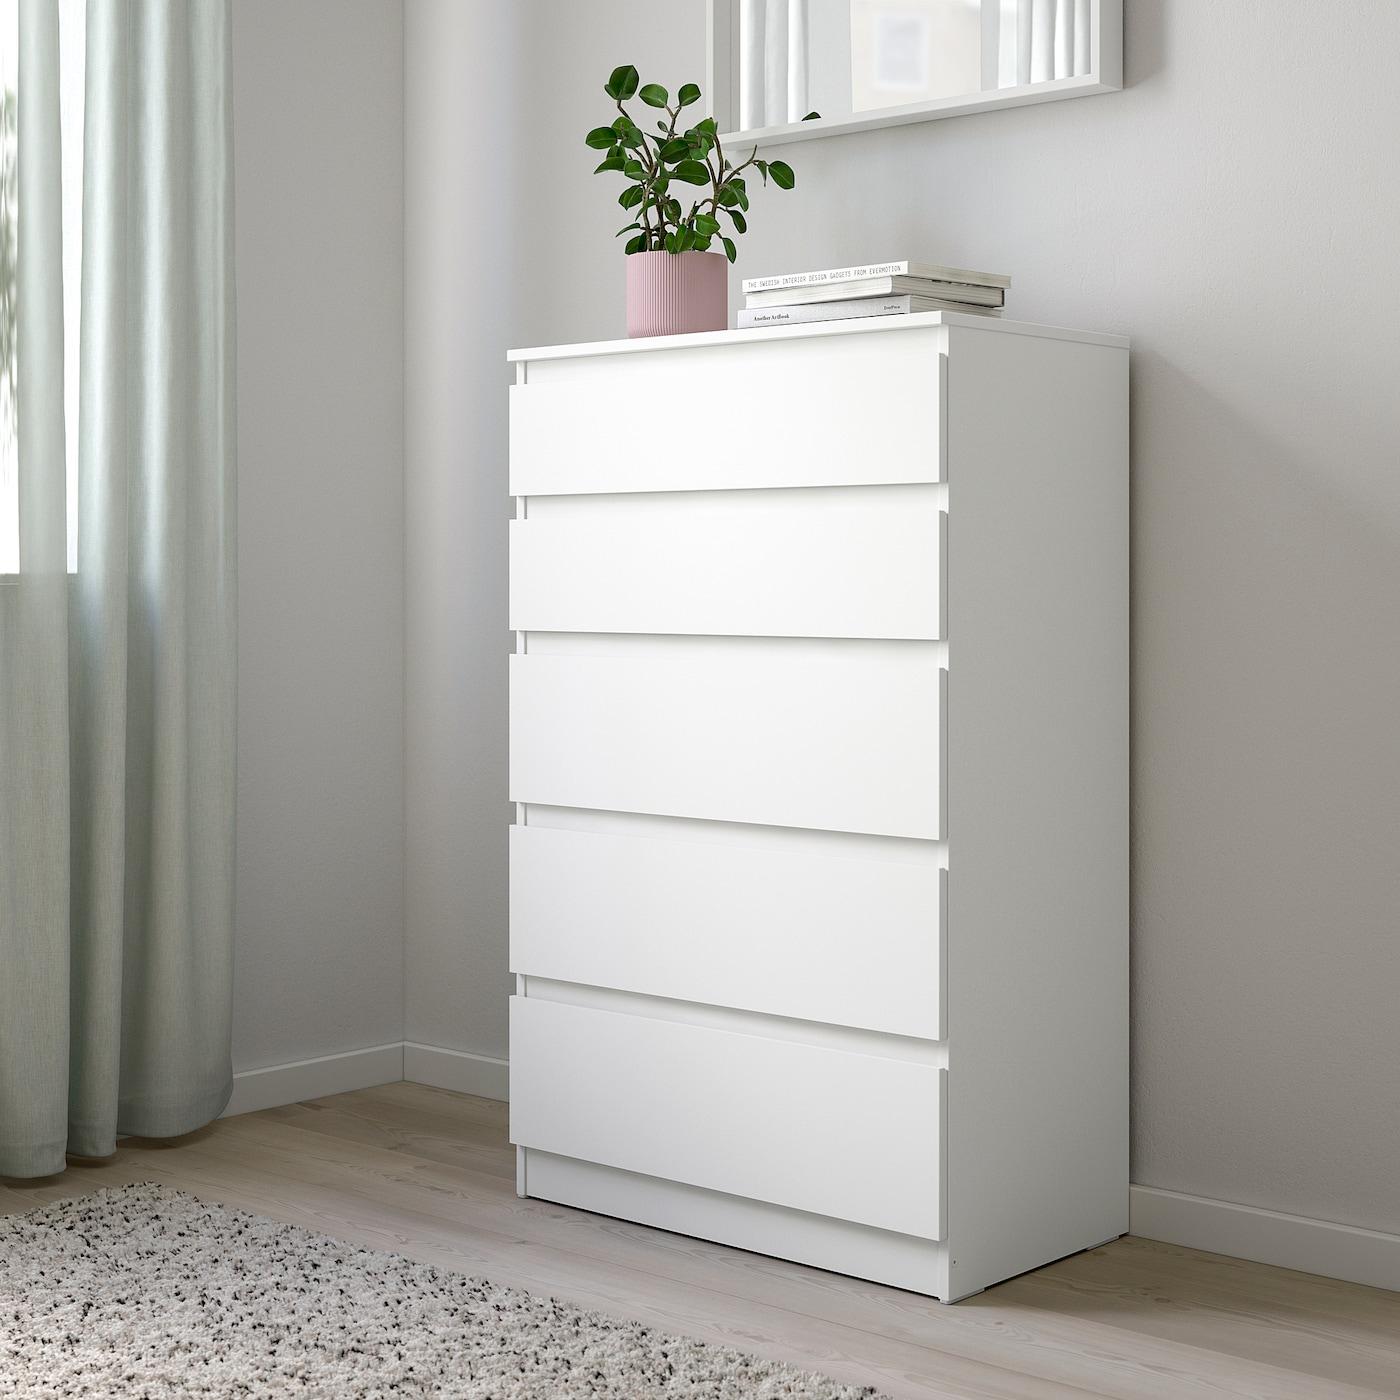 KULLEN Chest of 5 drawers, white, 70x112 cm